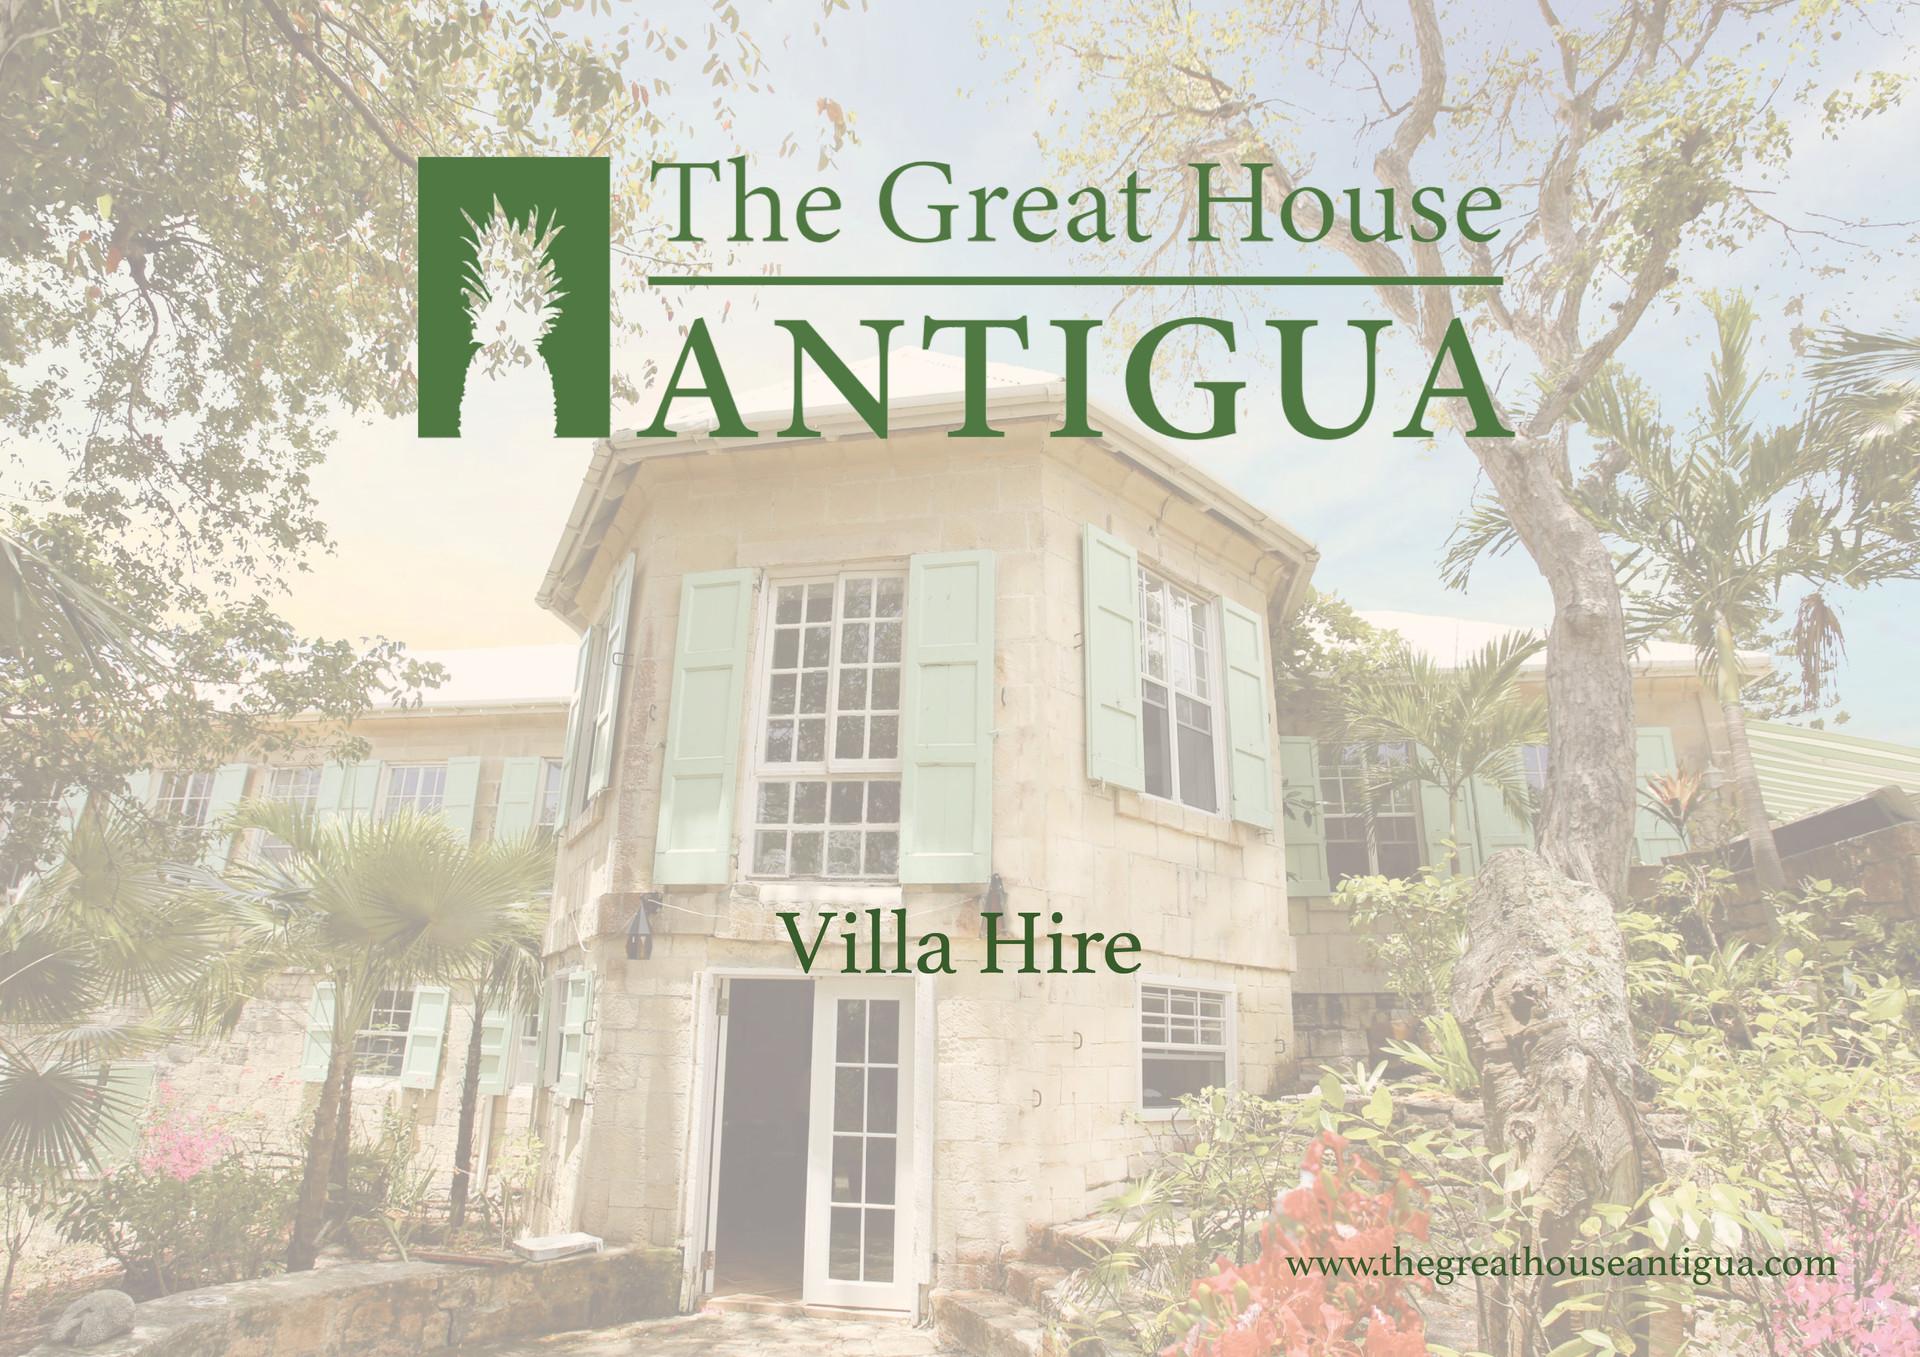 Villa Hire.jpg